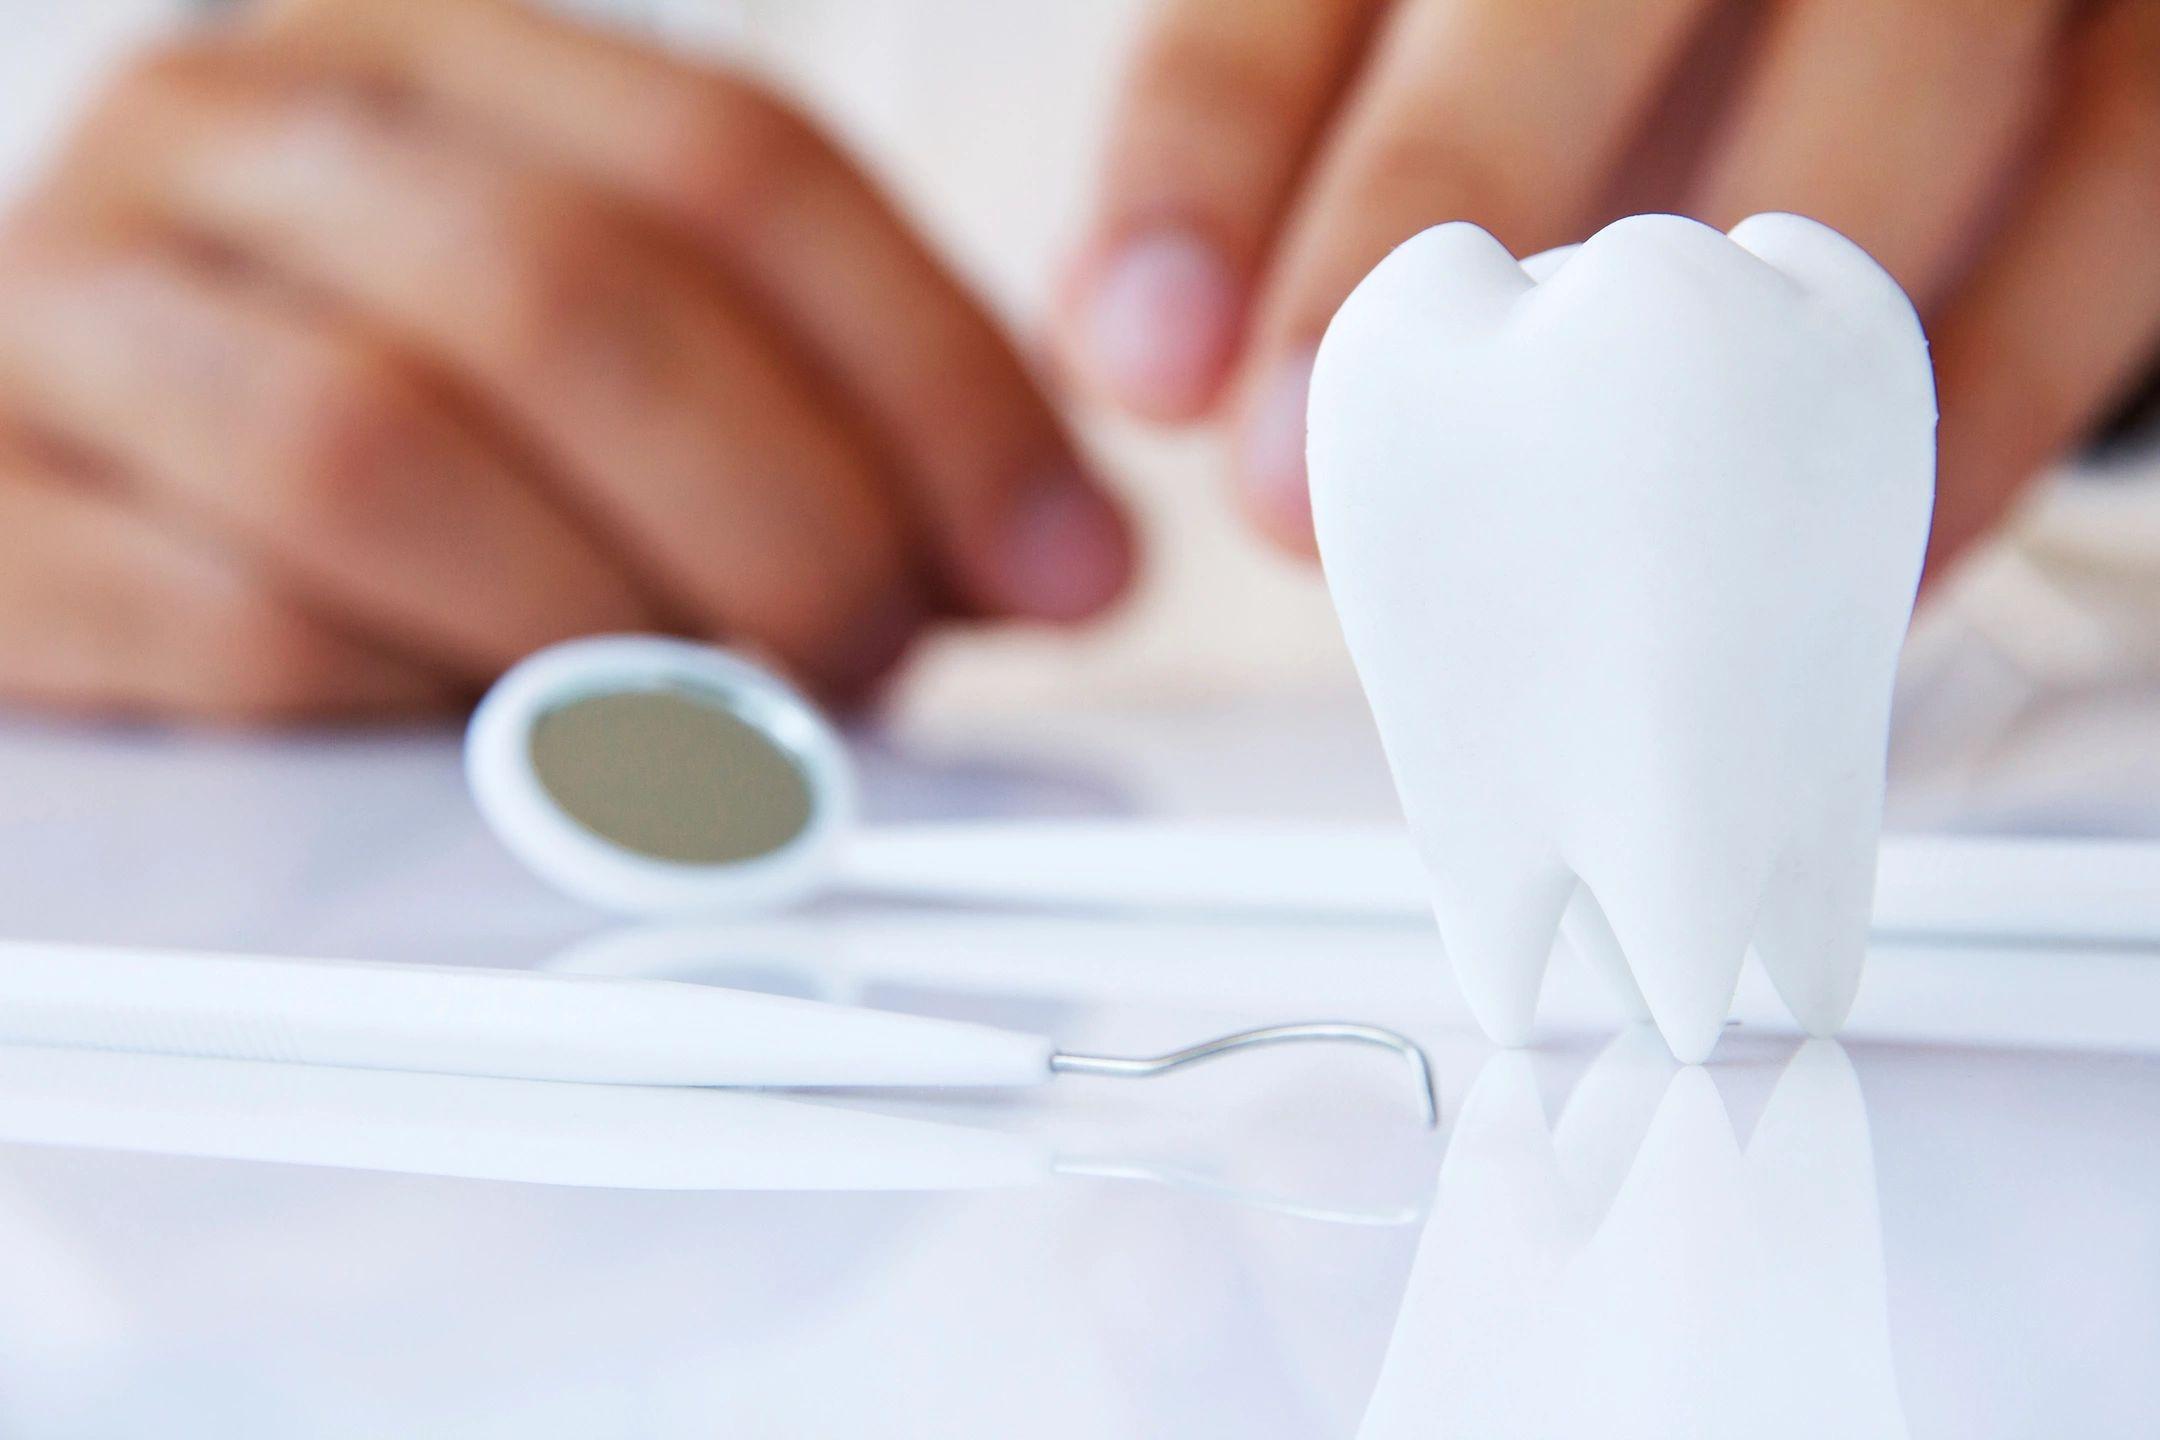 dentist  dentistry dr. ron Elliott Florence, ky  Cincinnati  veneers tmj  jawl  root canal  teeth  cosmetic dentistry  botox  dermal fillers  aesthetics